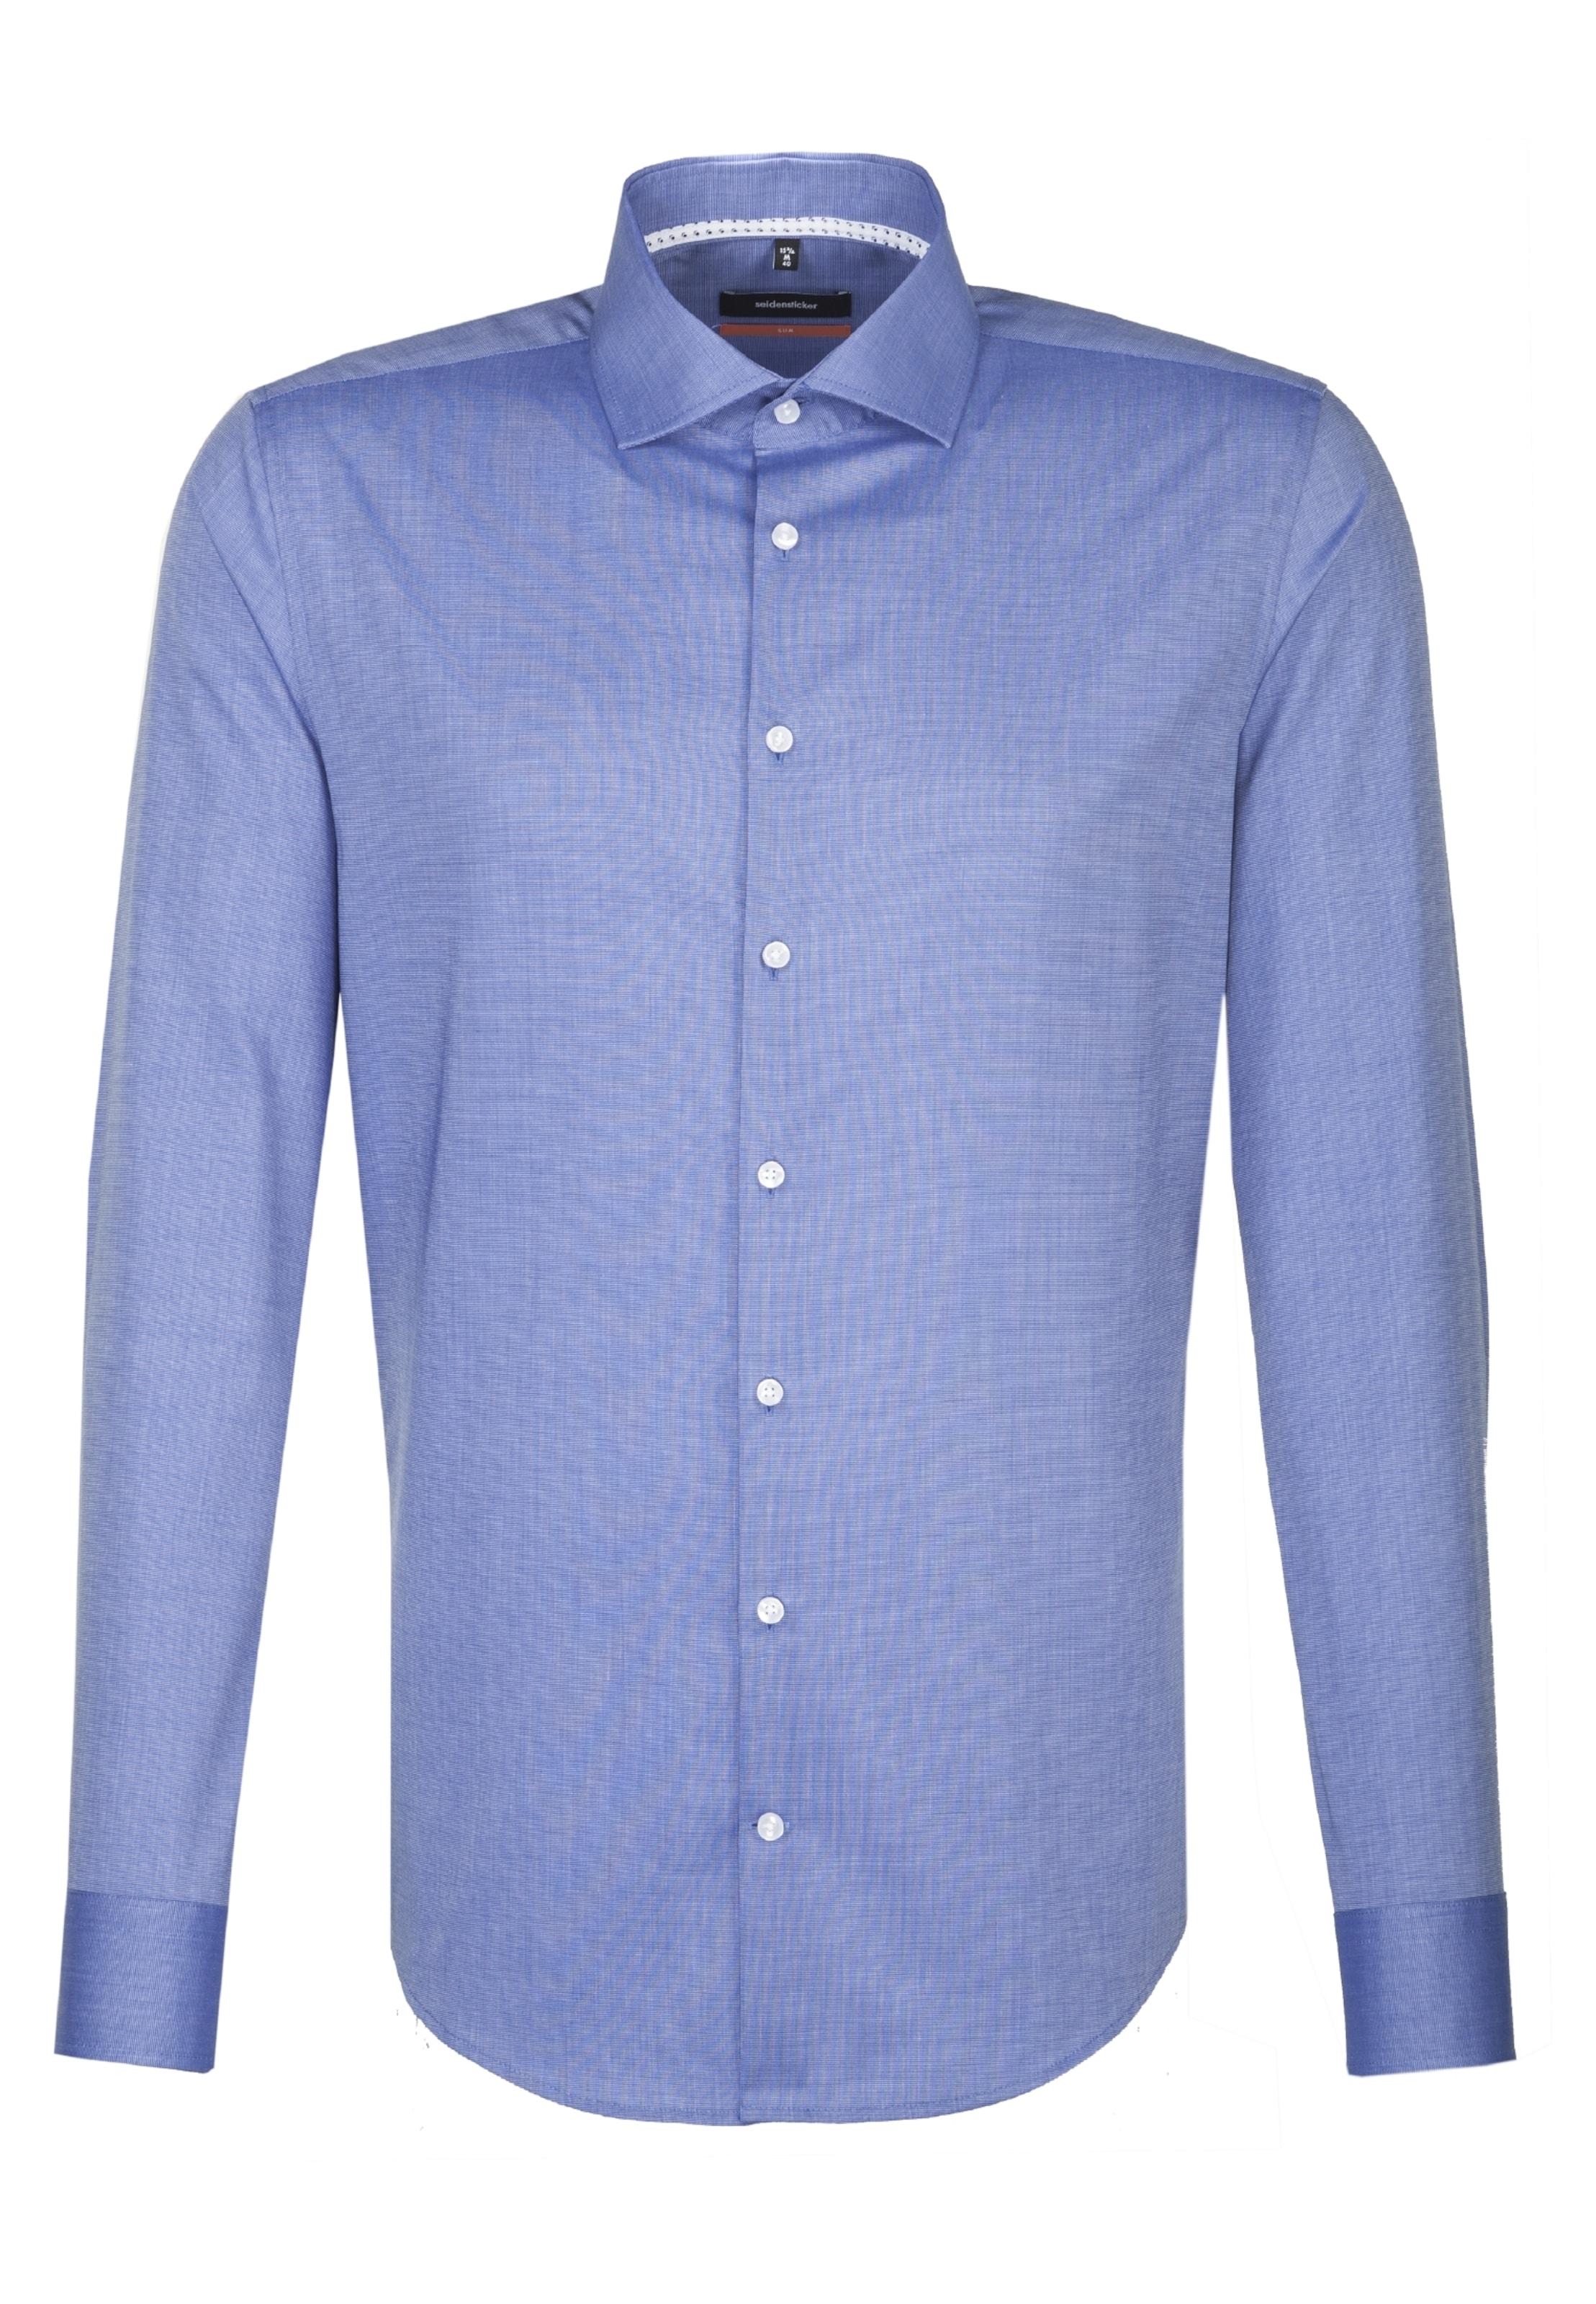 SEIDENSTICKER City-Hemd 'Slim' Geschäft Zum Verkauf 100% Authentisch Freies Verschiffen Manchester p1GnsW